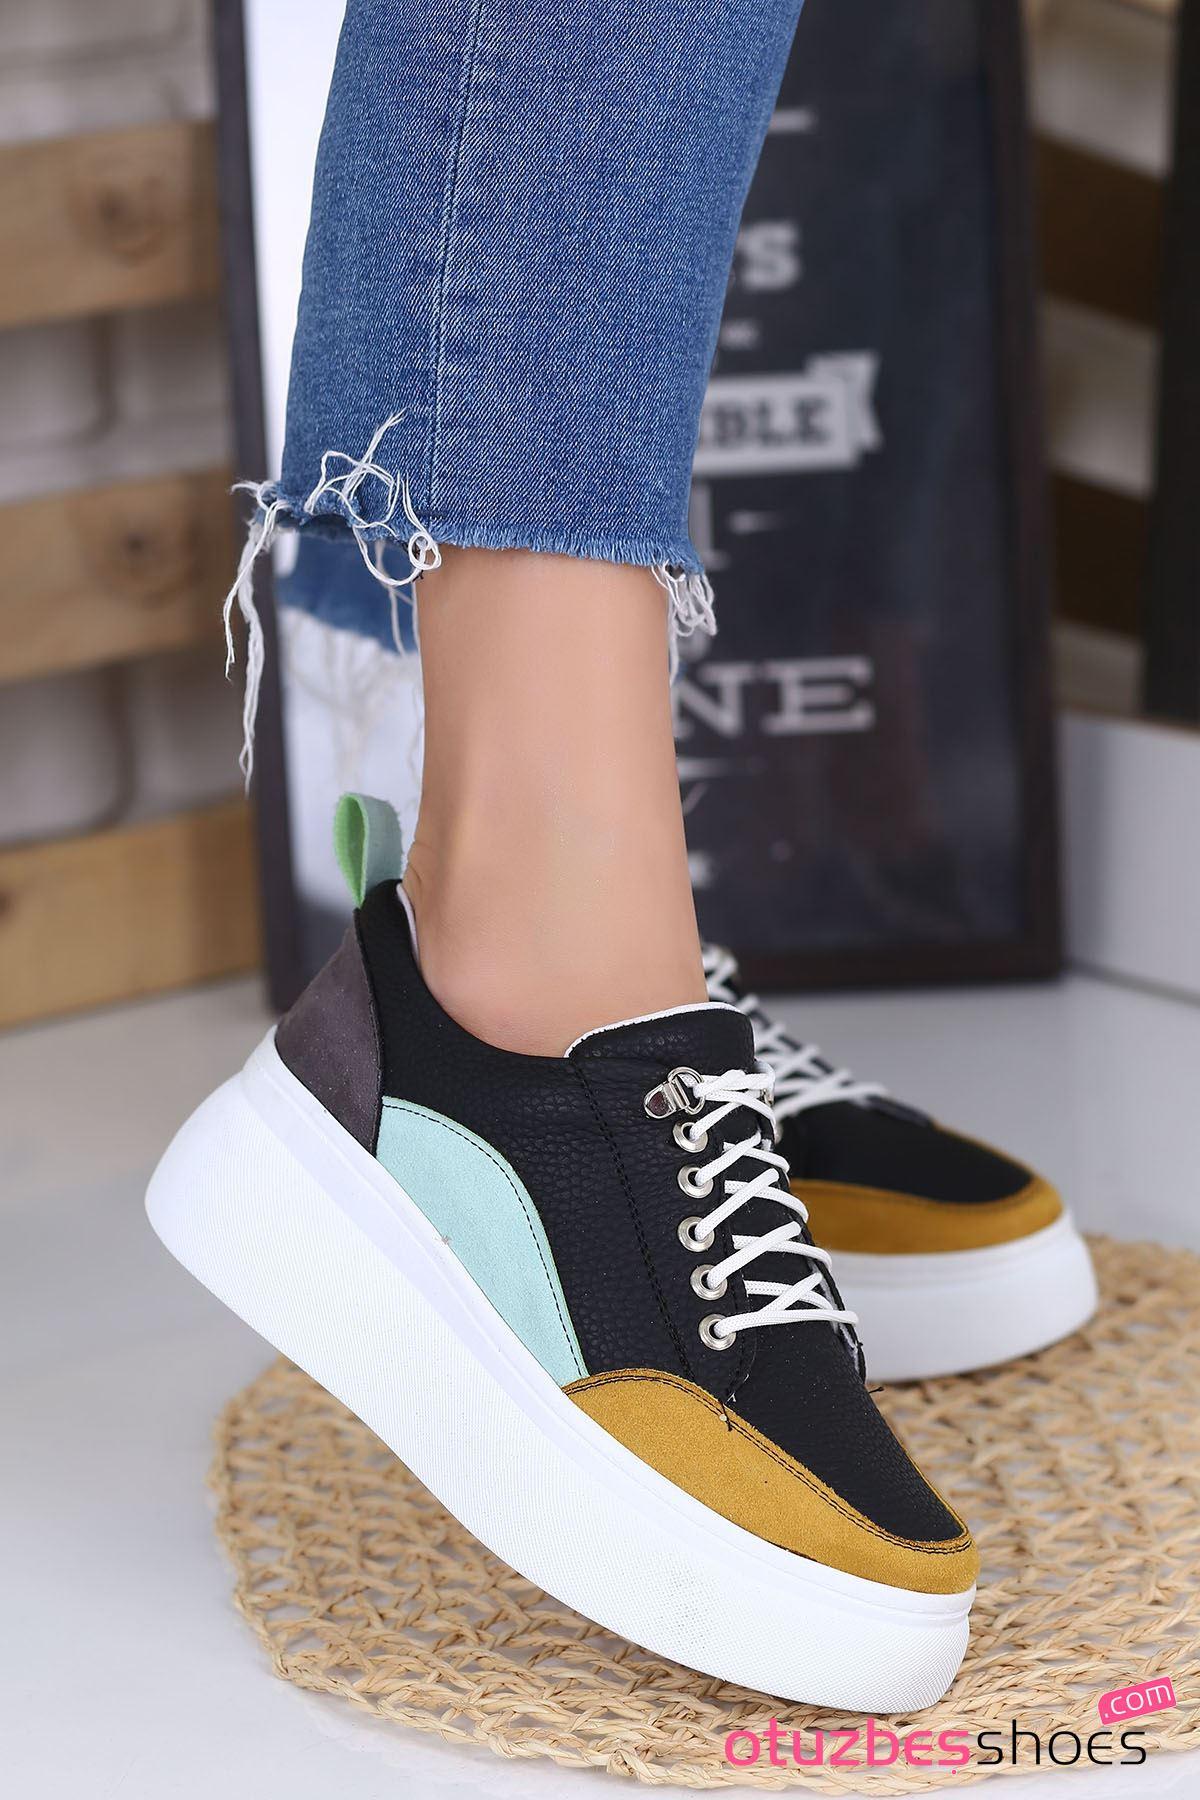 Kristi Mat Deri Renk Detay Kalın Taban Günlük Ayakkabı Hardal